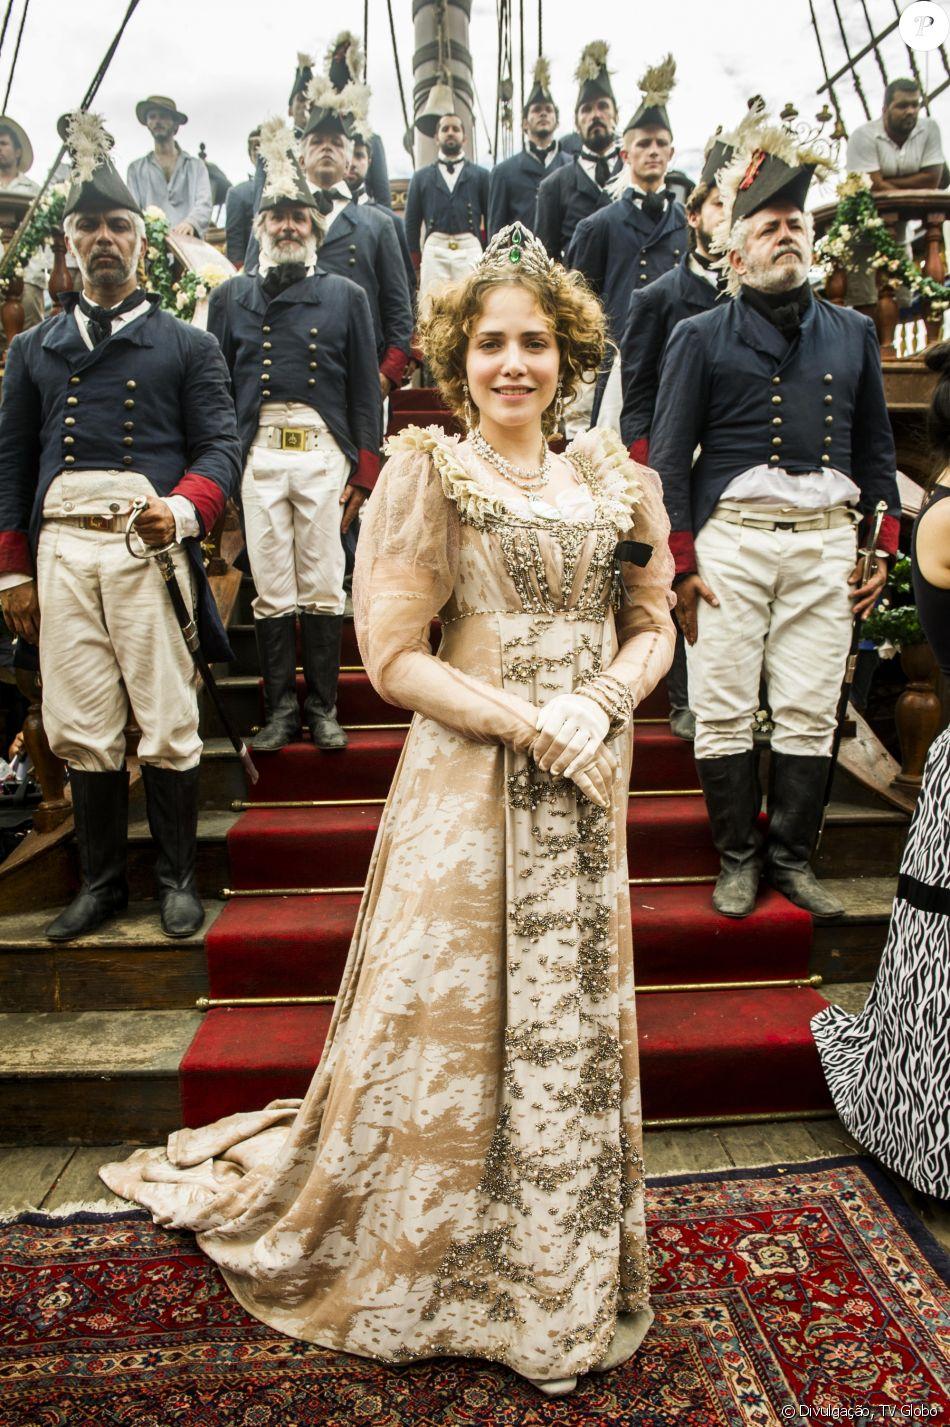 Nos bastidores da novela 'Novo Mundo', Letícia Colin leva de 1h30 a 2h para  se transformar em Leopoldina, sua personagem na trama - Purepeople